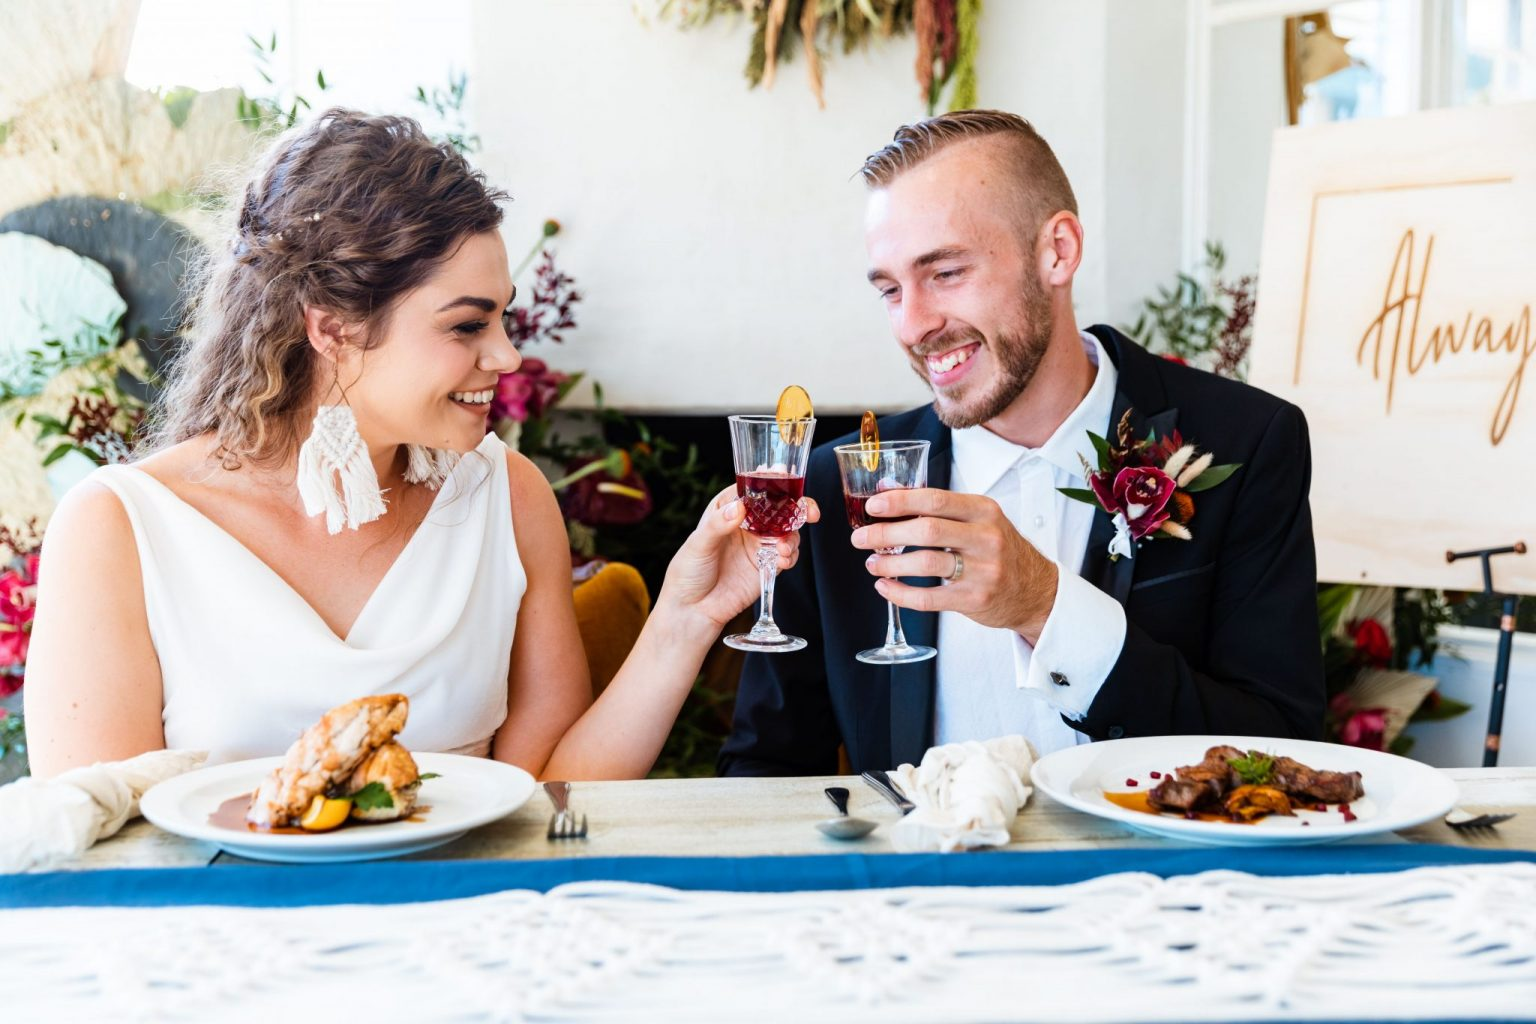 Wedding couple enjoying wine and food